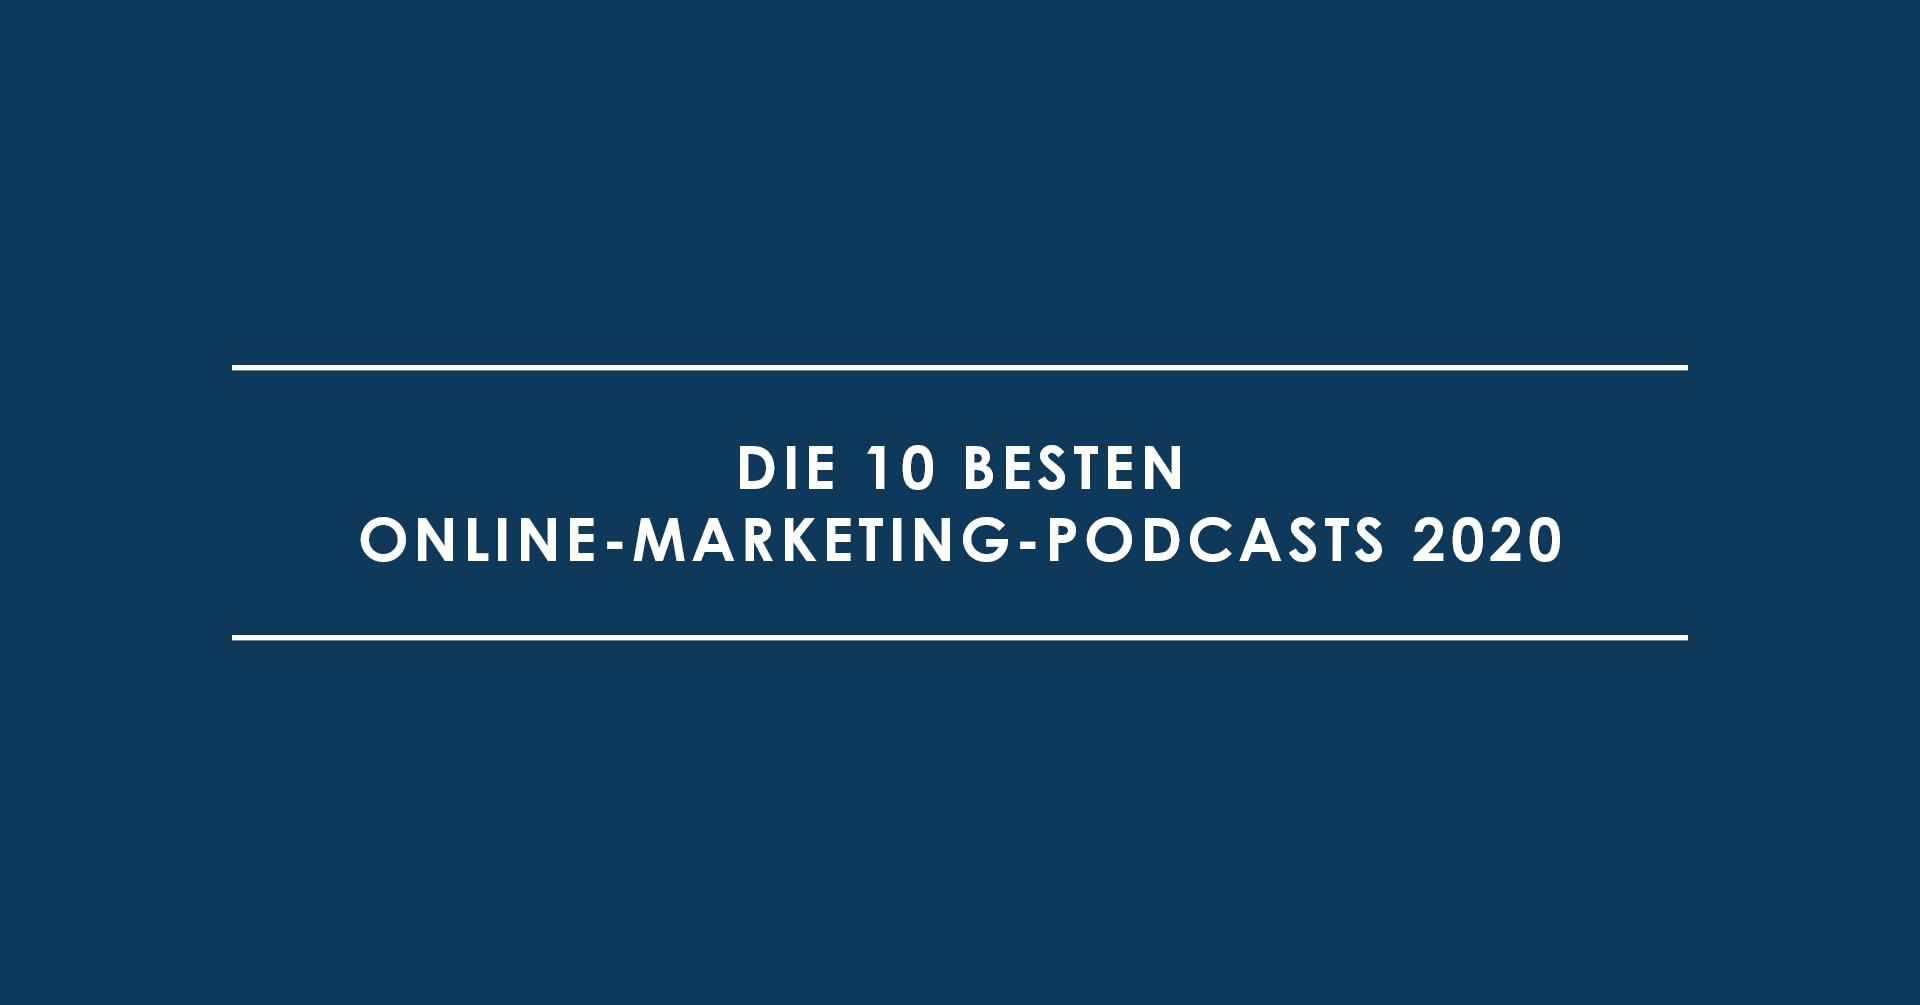 Die 10 besten Online-Marketing-Podcasts 2020